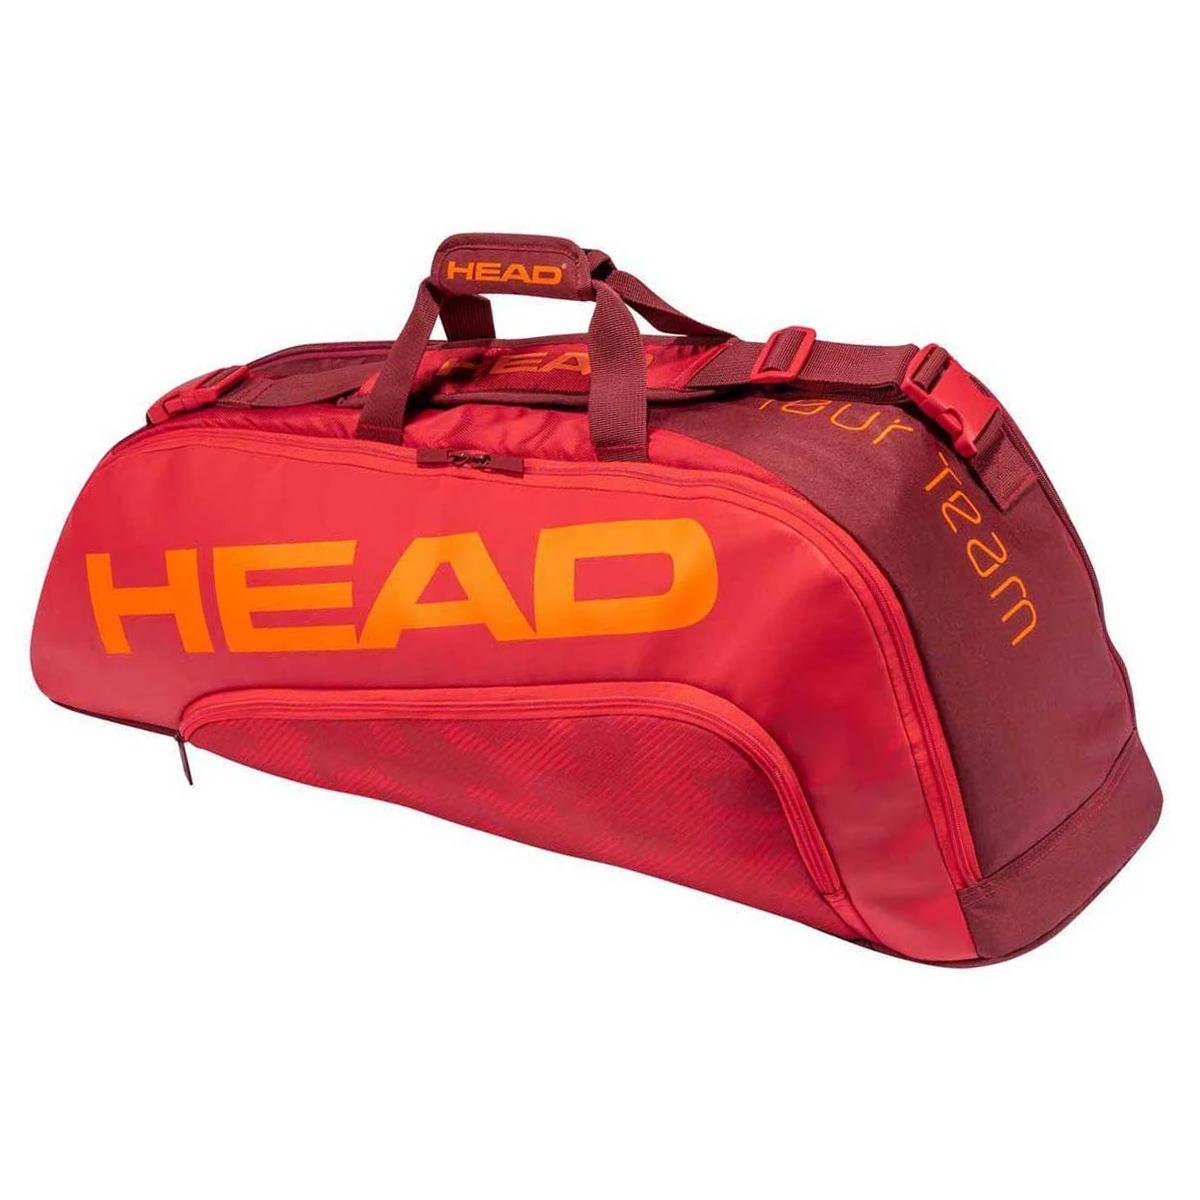 Raqueteira Head Tour Team 6R Combi  Vermelha